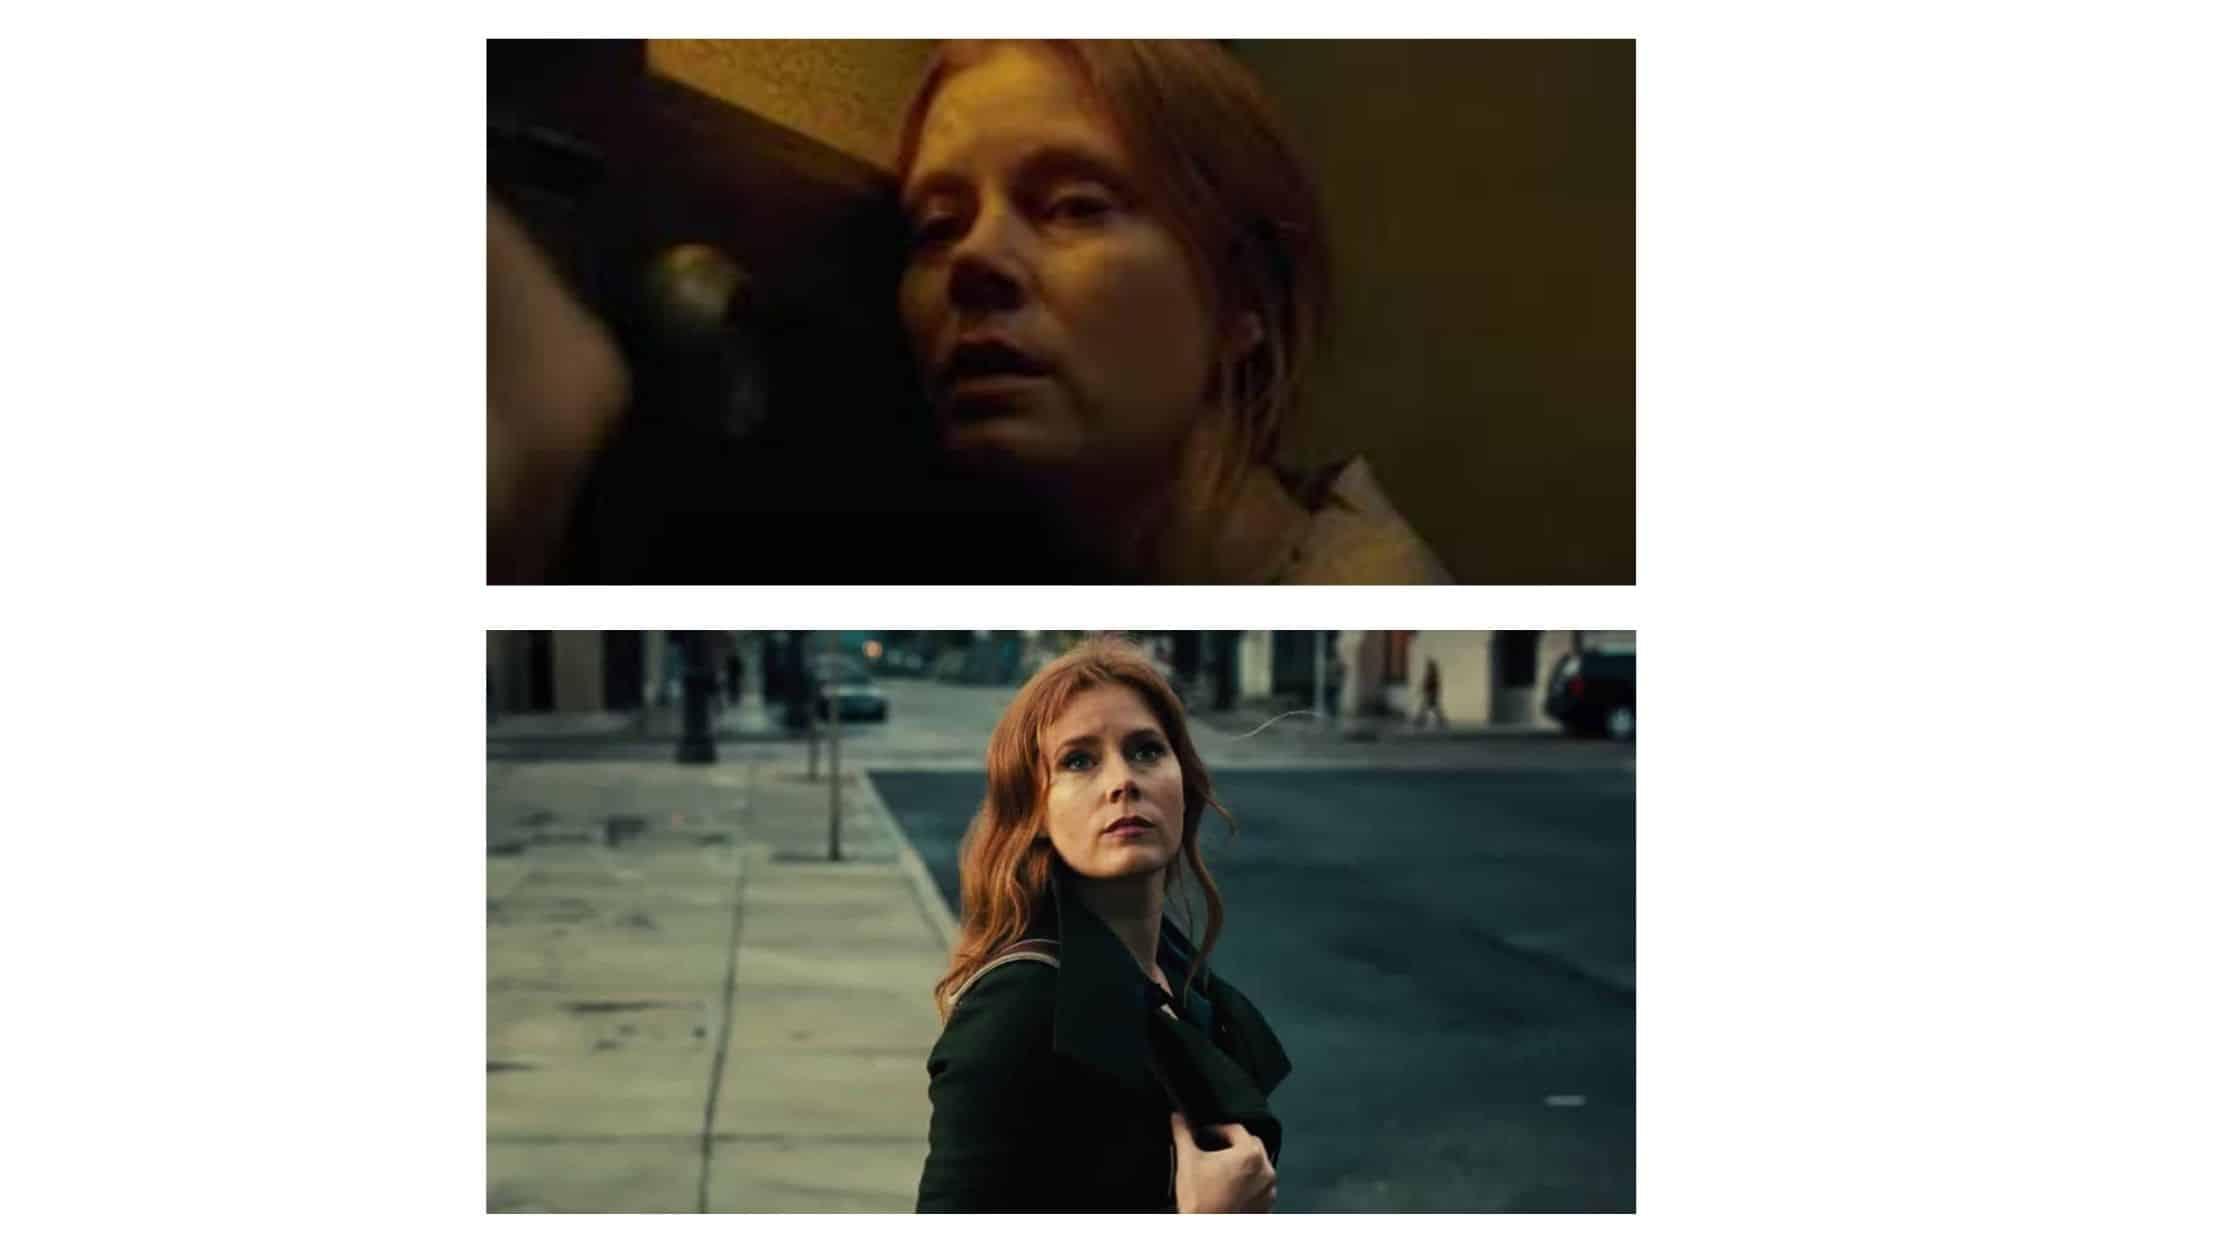 Analisi-linguaggio-visivo-la-casa-simbolo-film-Netflix-la-donna-alla-finestra-blog-il-Biondino-della-Spider-Rossa-Crimine-Giustizia-Media-ProsMedia-Agenzia-Corte&Media